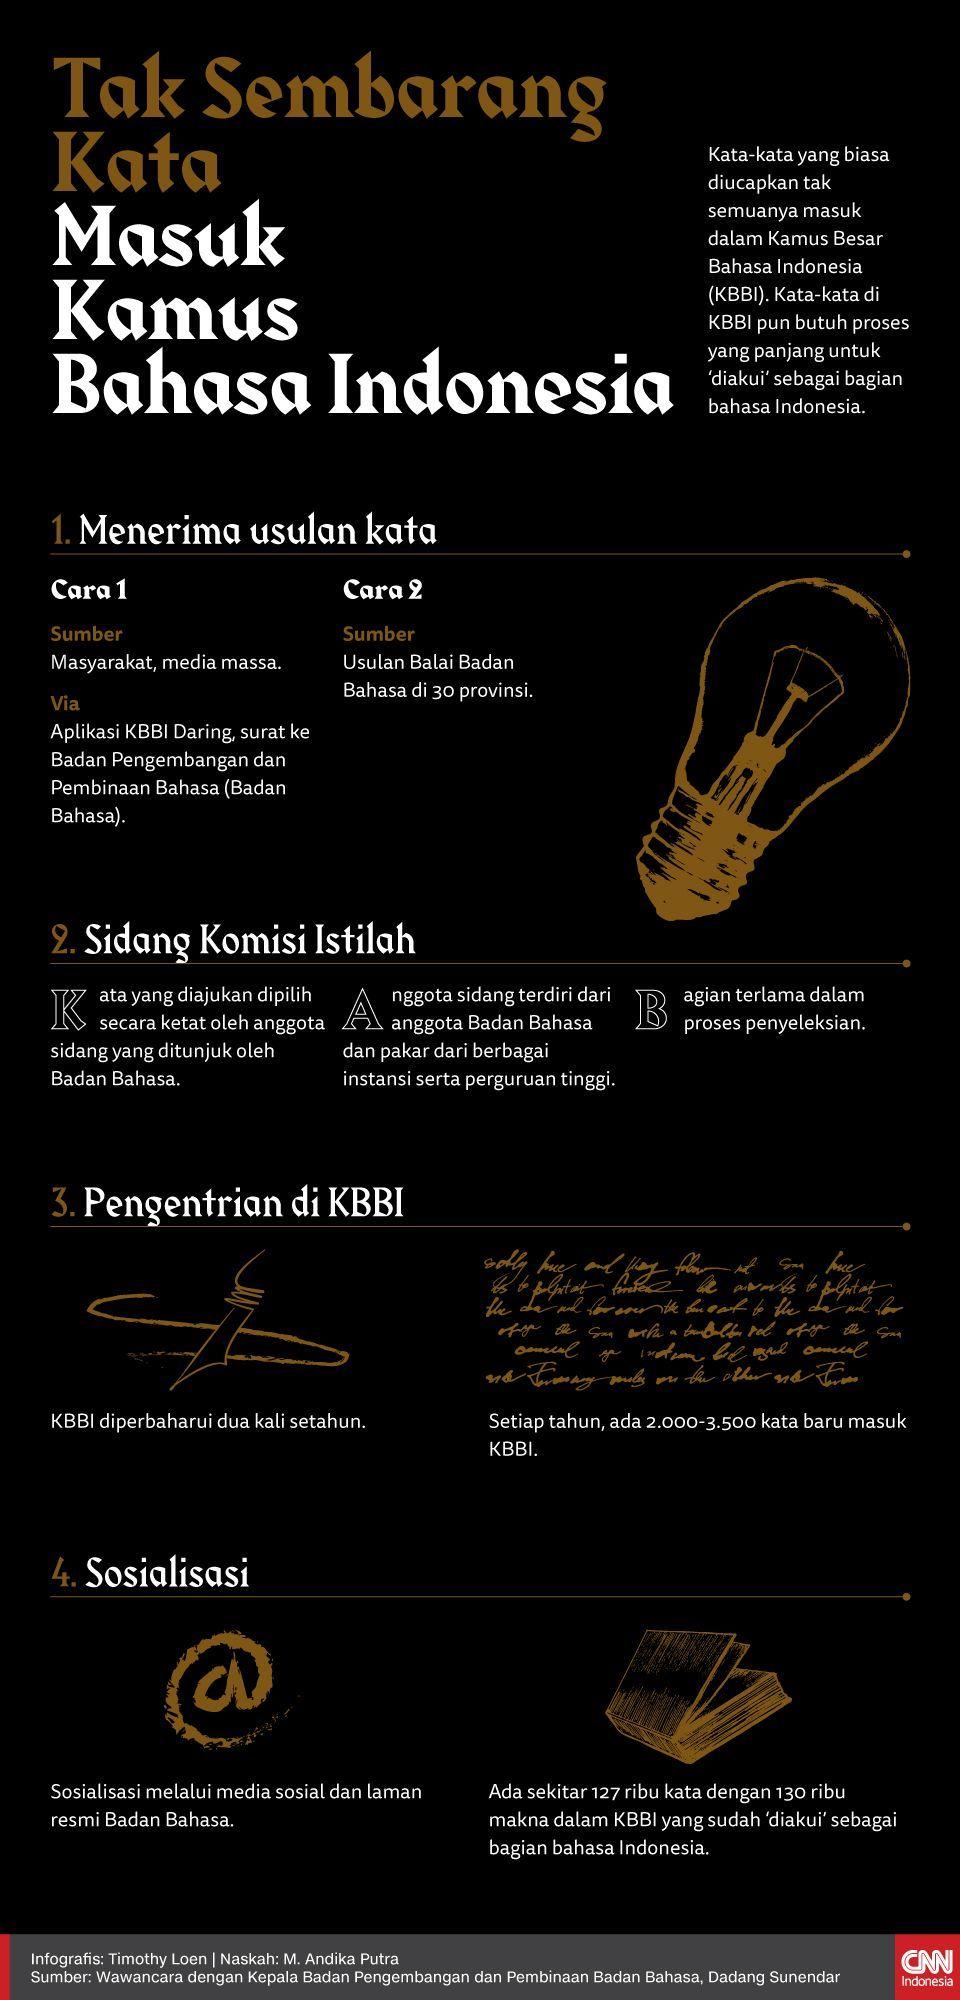 Infografis Tak Sembarang Kata Masuk Kamus Bahasa Indonesia